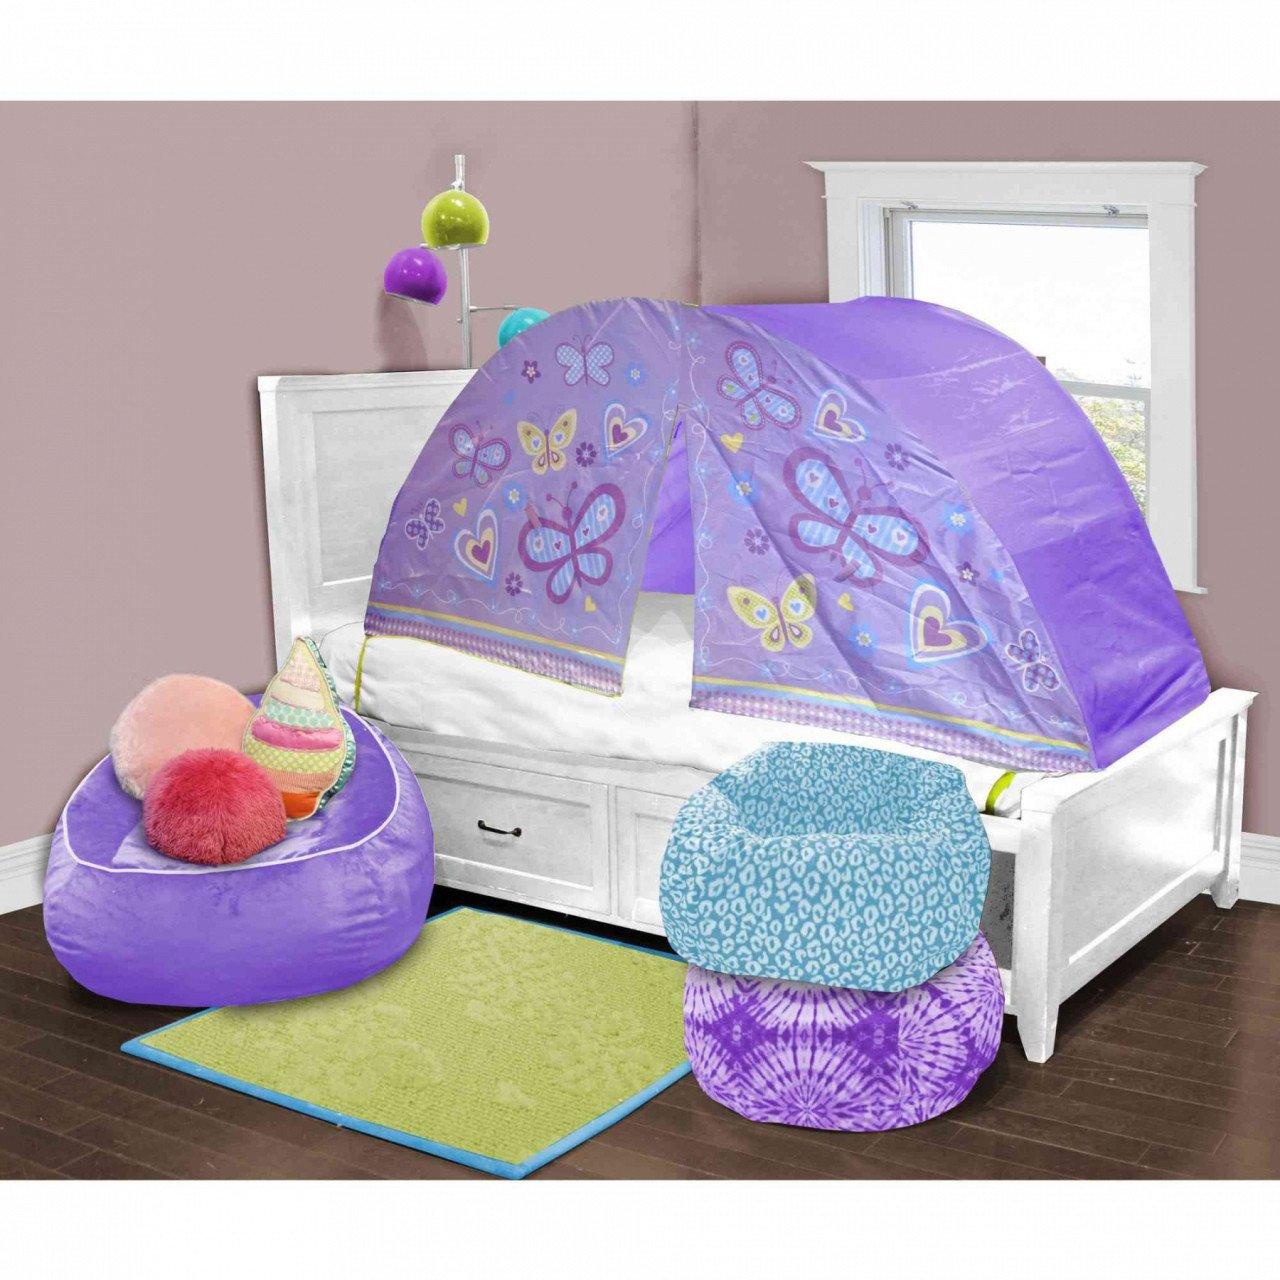 Toddlers Bedroom Furniture Set Lovely Ikea Kids Bed — Procura Home Blog